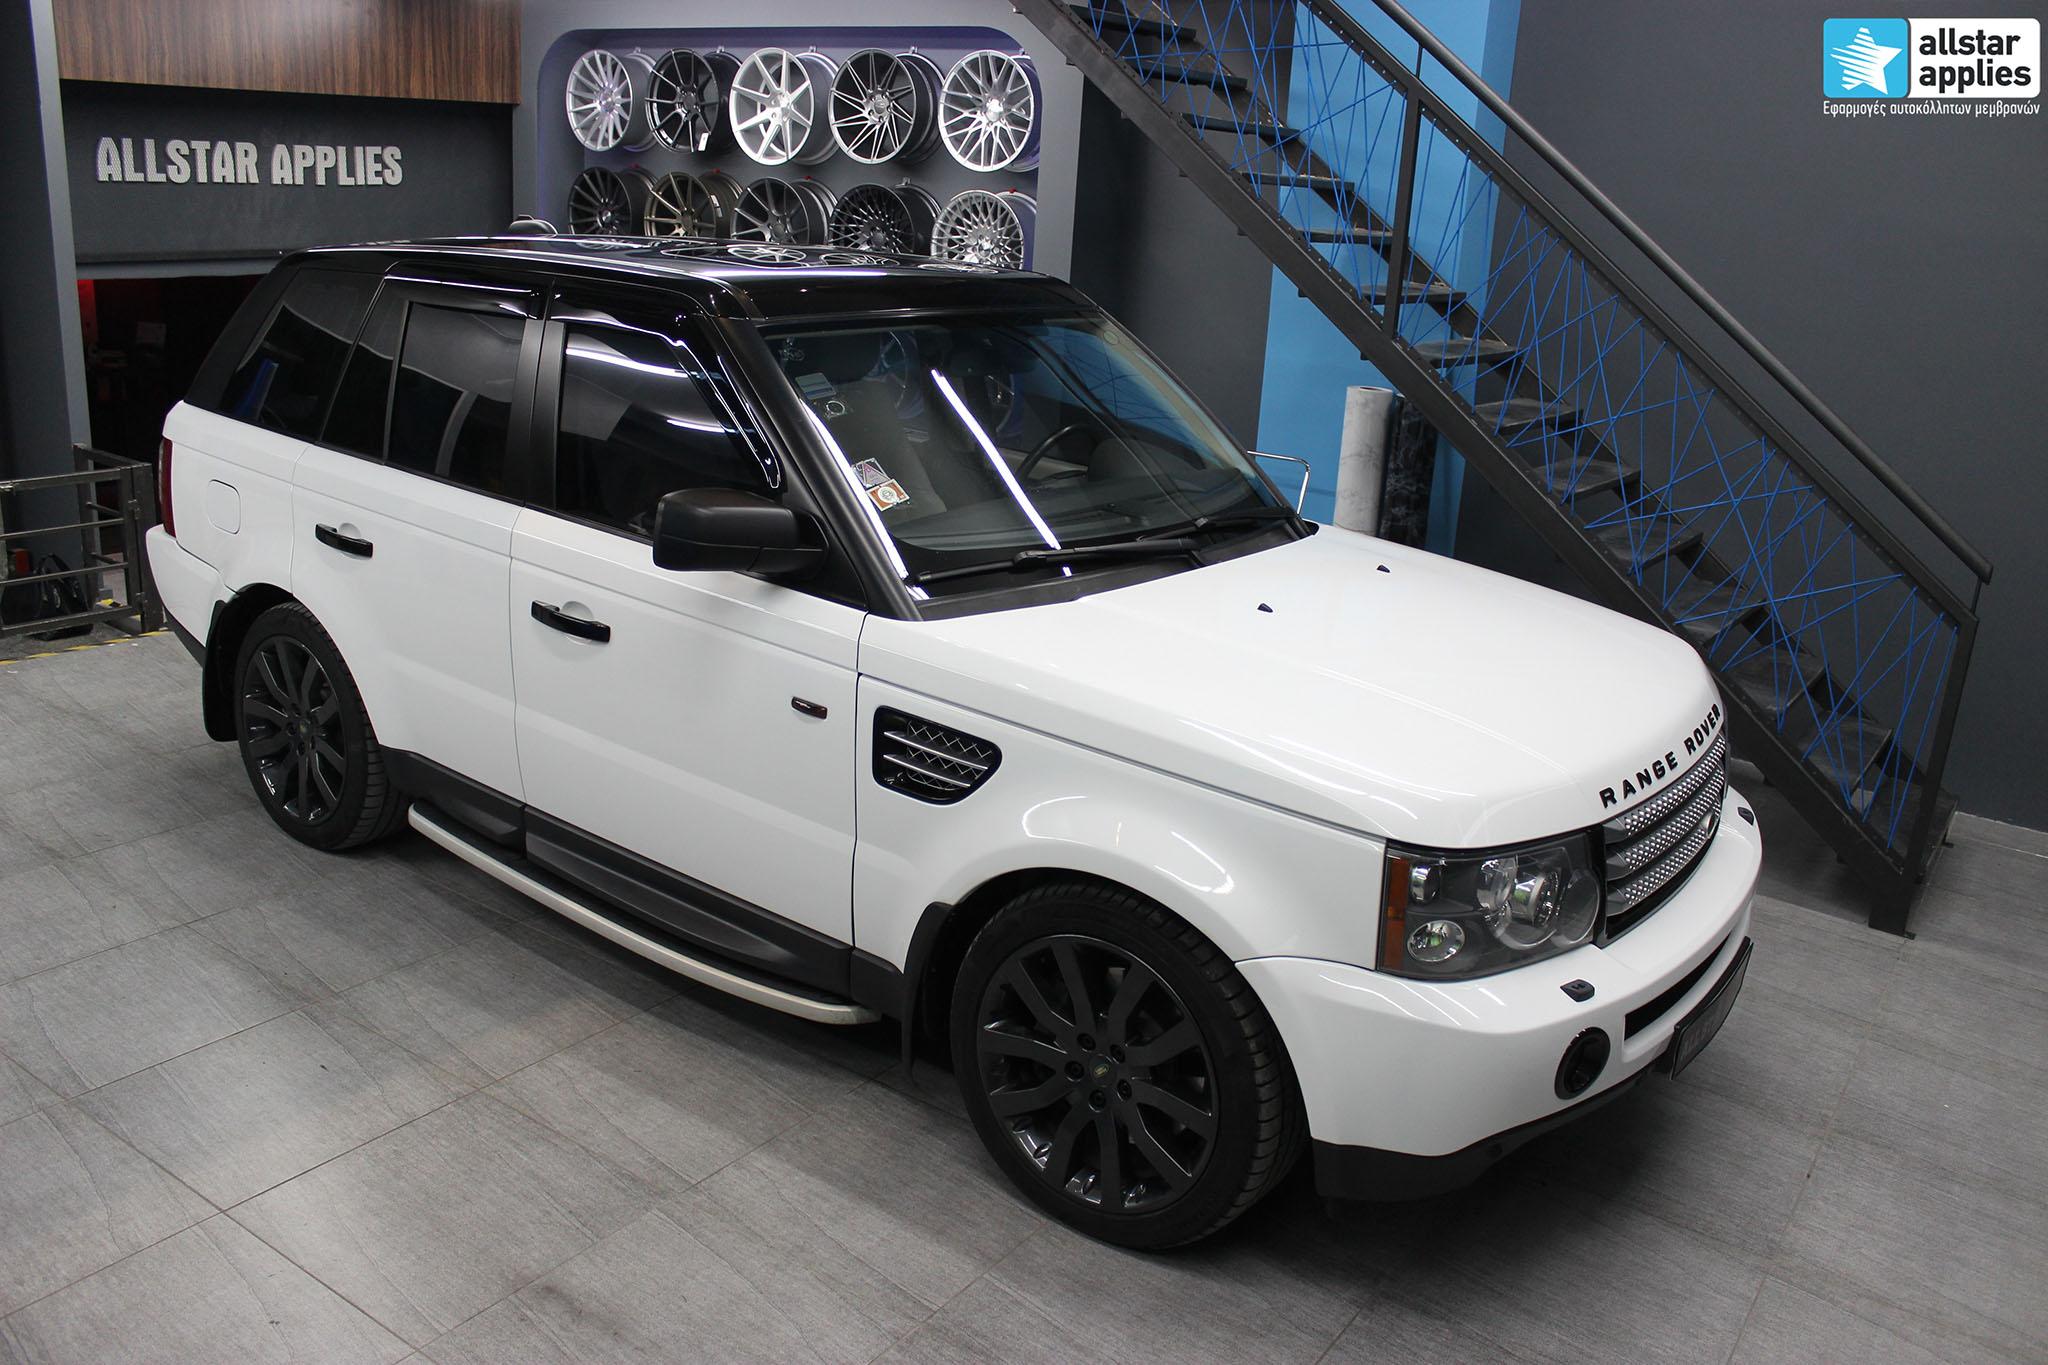 Range Rover – White Metallic (2)